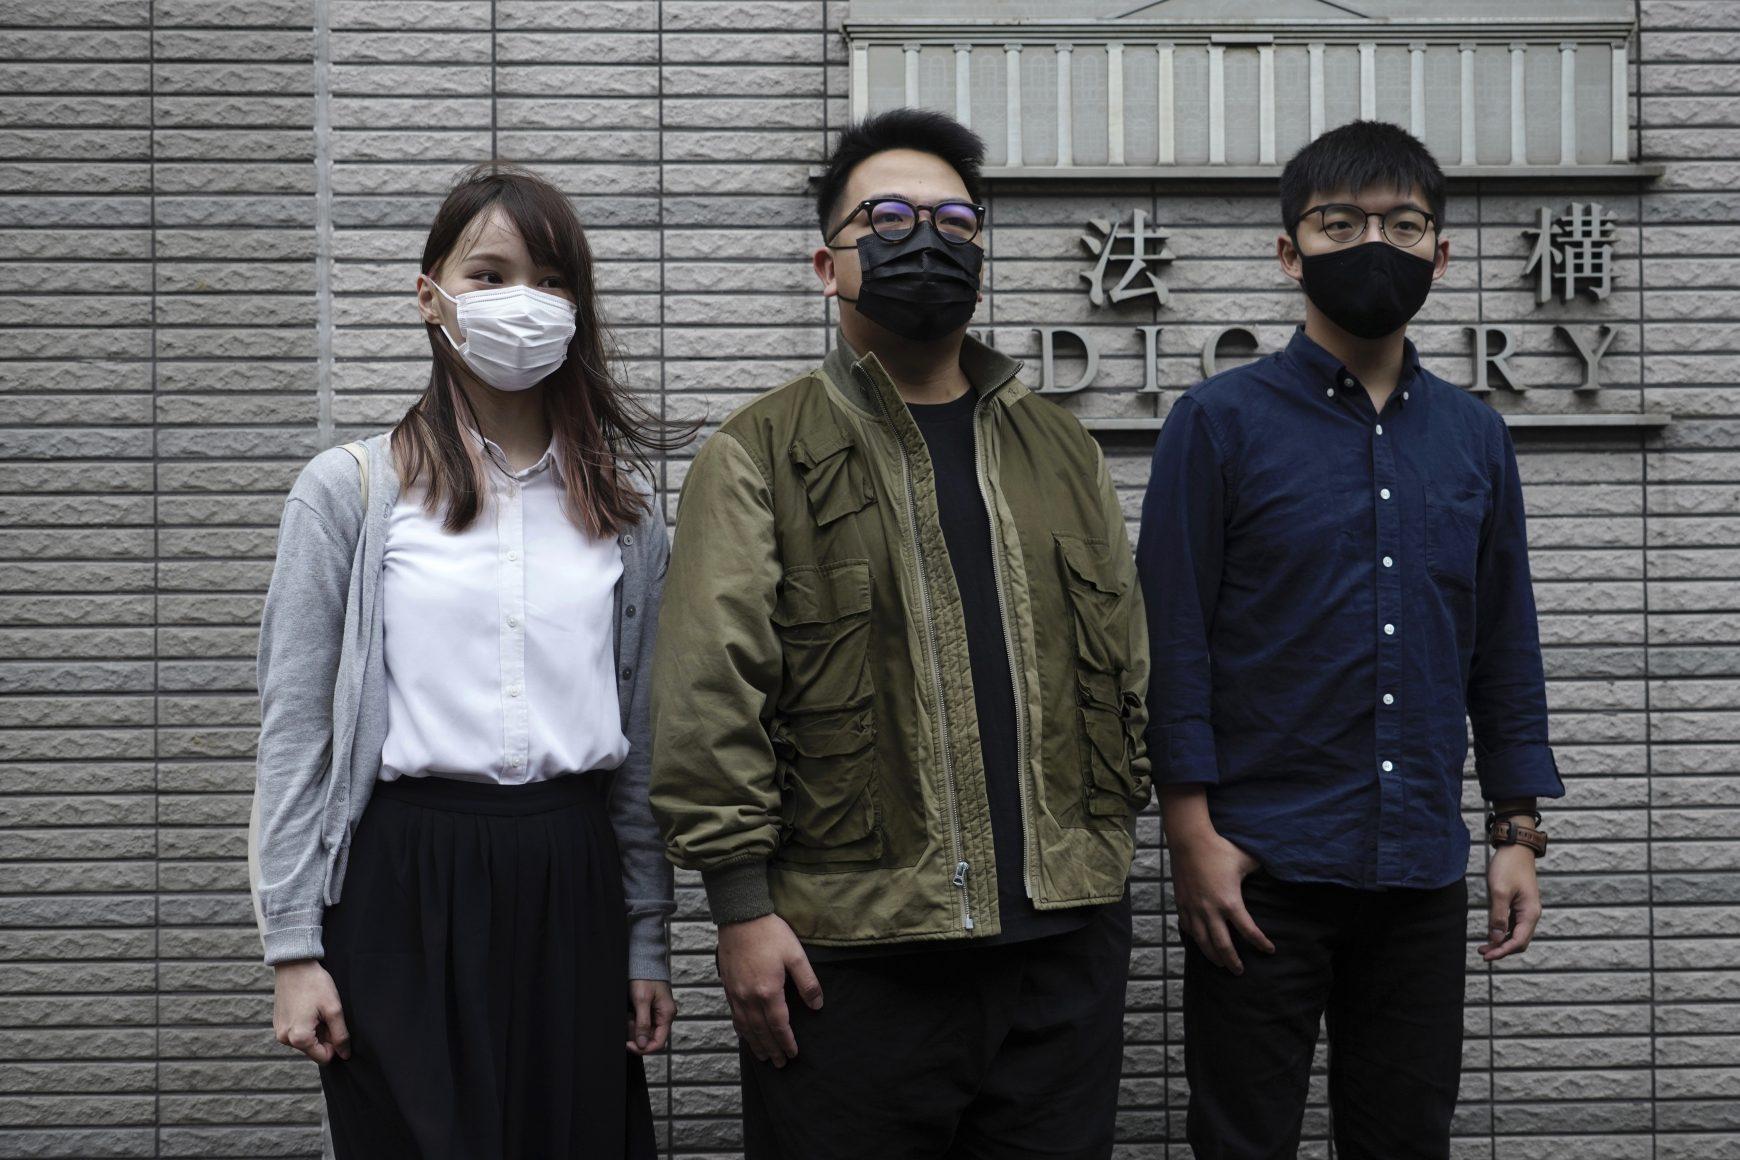 Hong Kong activists Joshua Wong, Ivan Lam and Agnes Chow arrive at a court in Hong Kong